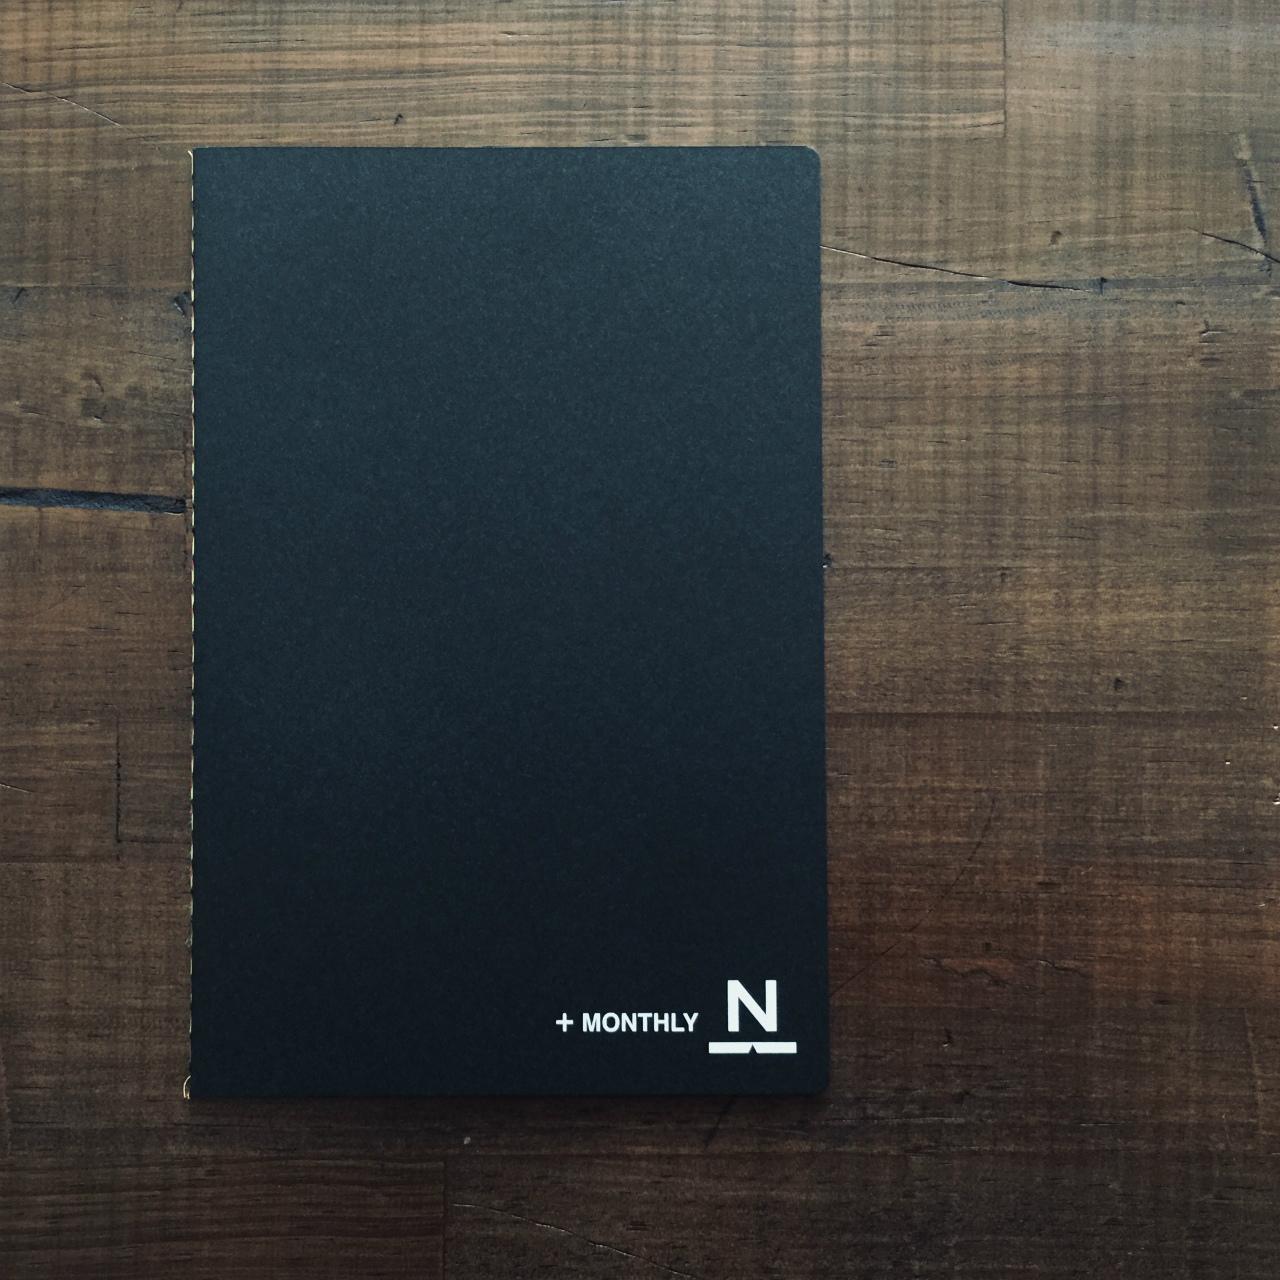 【キャンペーン】ノンブルノート「N」をお買い上げのお客様に2020マンスリー冊子をプレゼント!